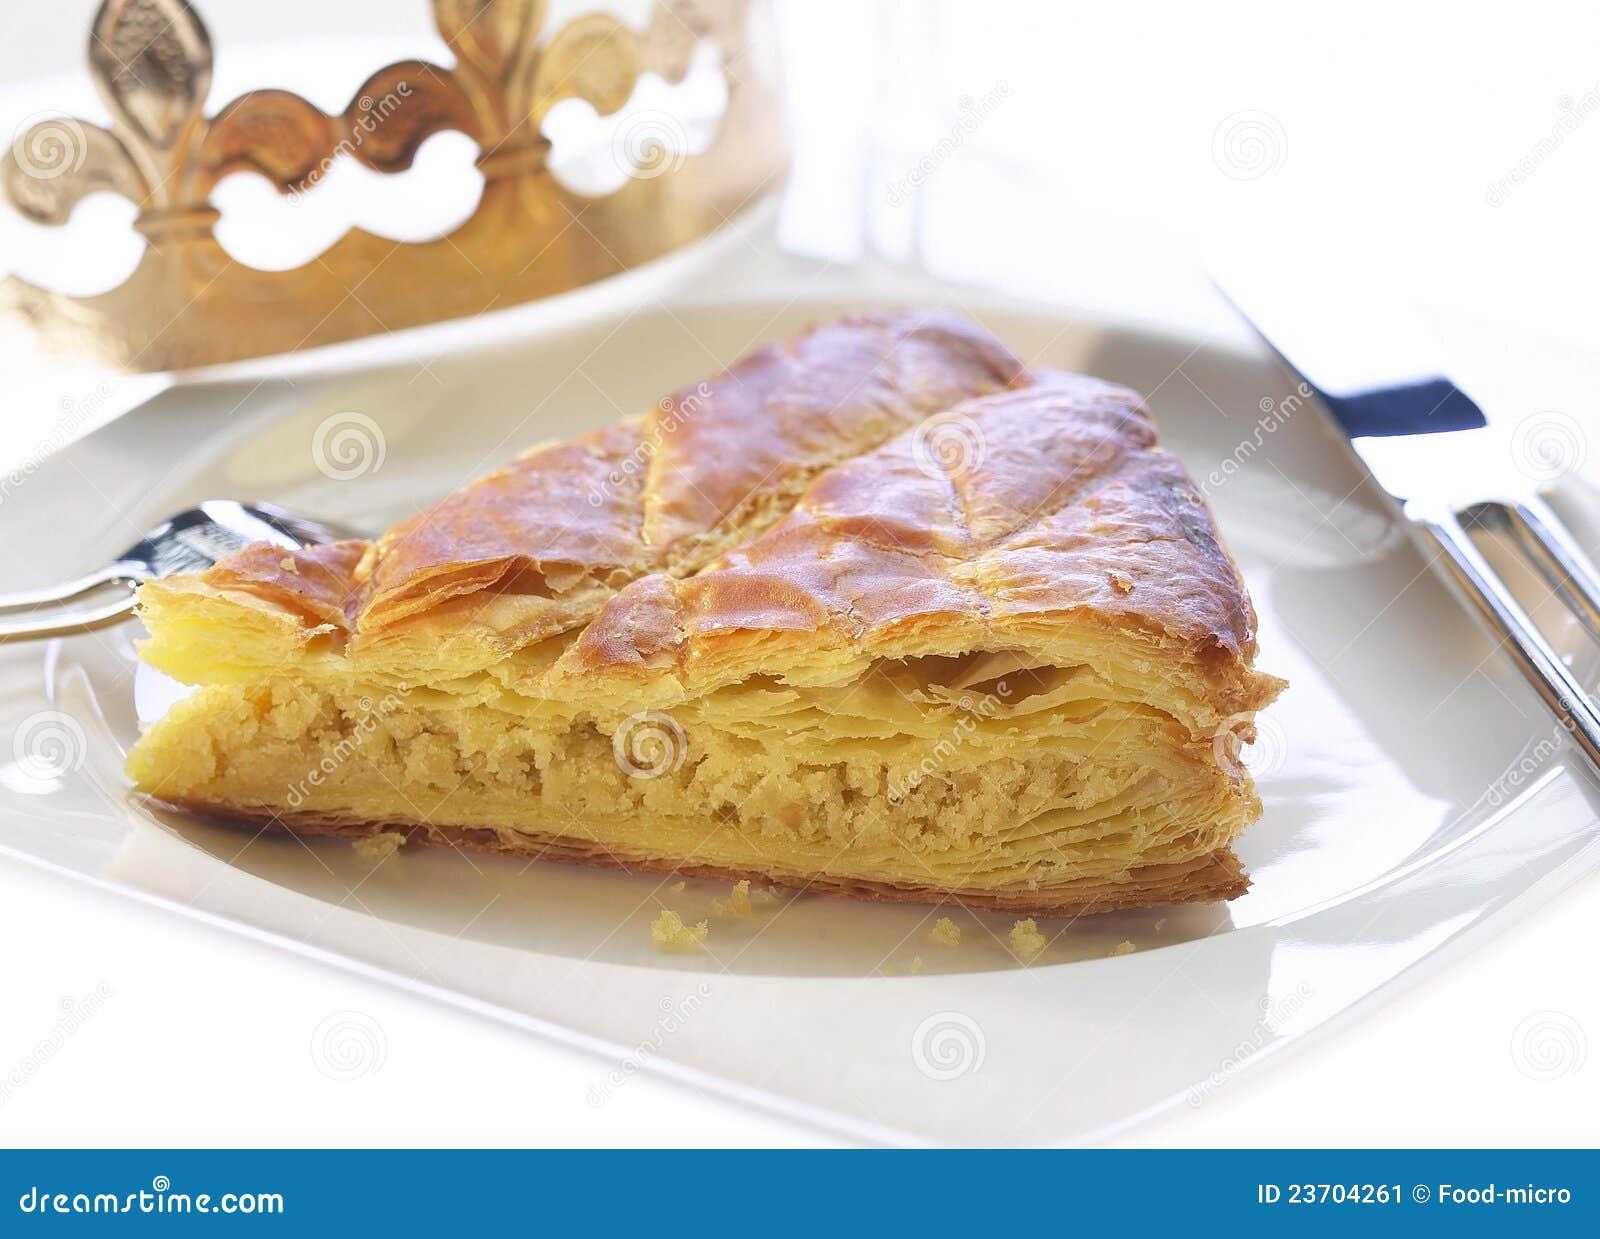 Slice Of Galette Des Rois Stock Image - Image: 23704261